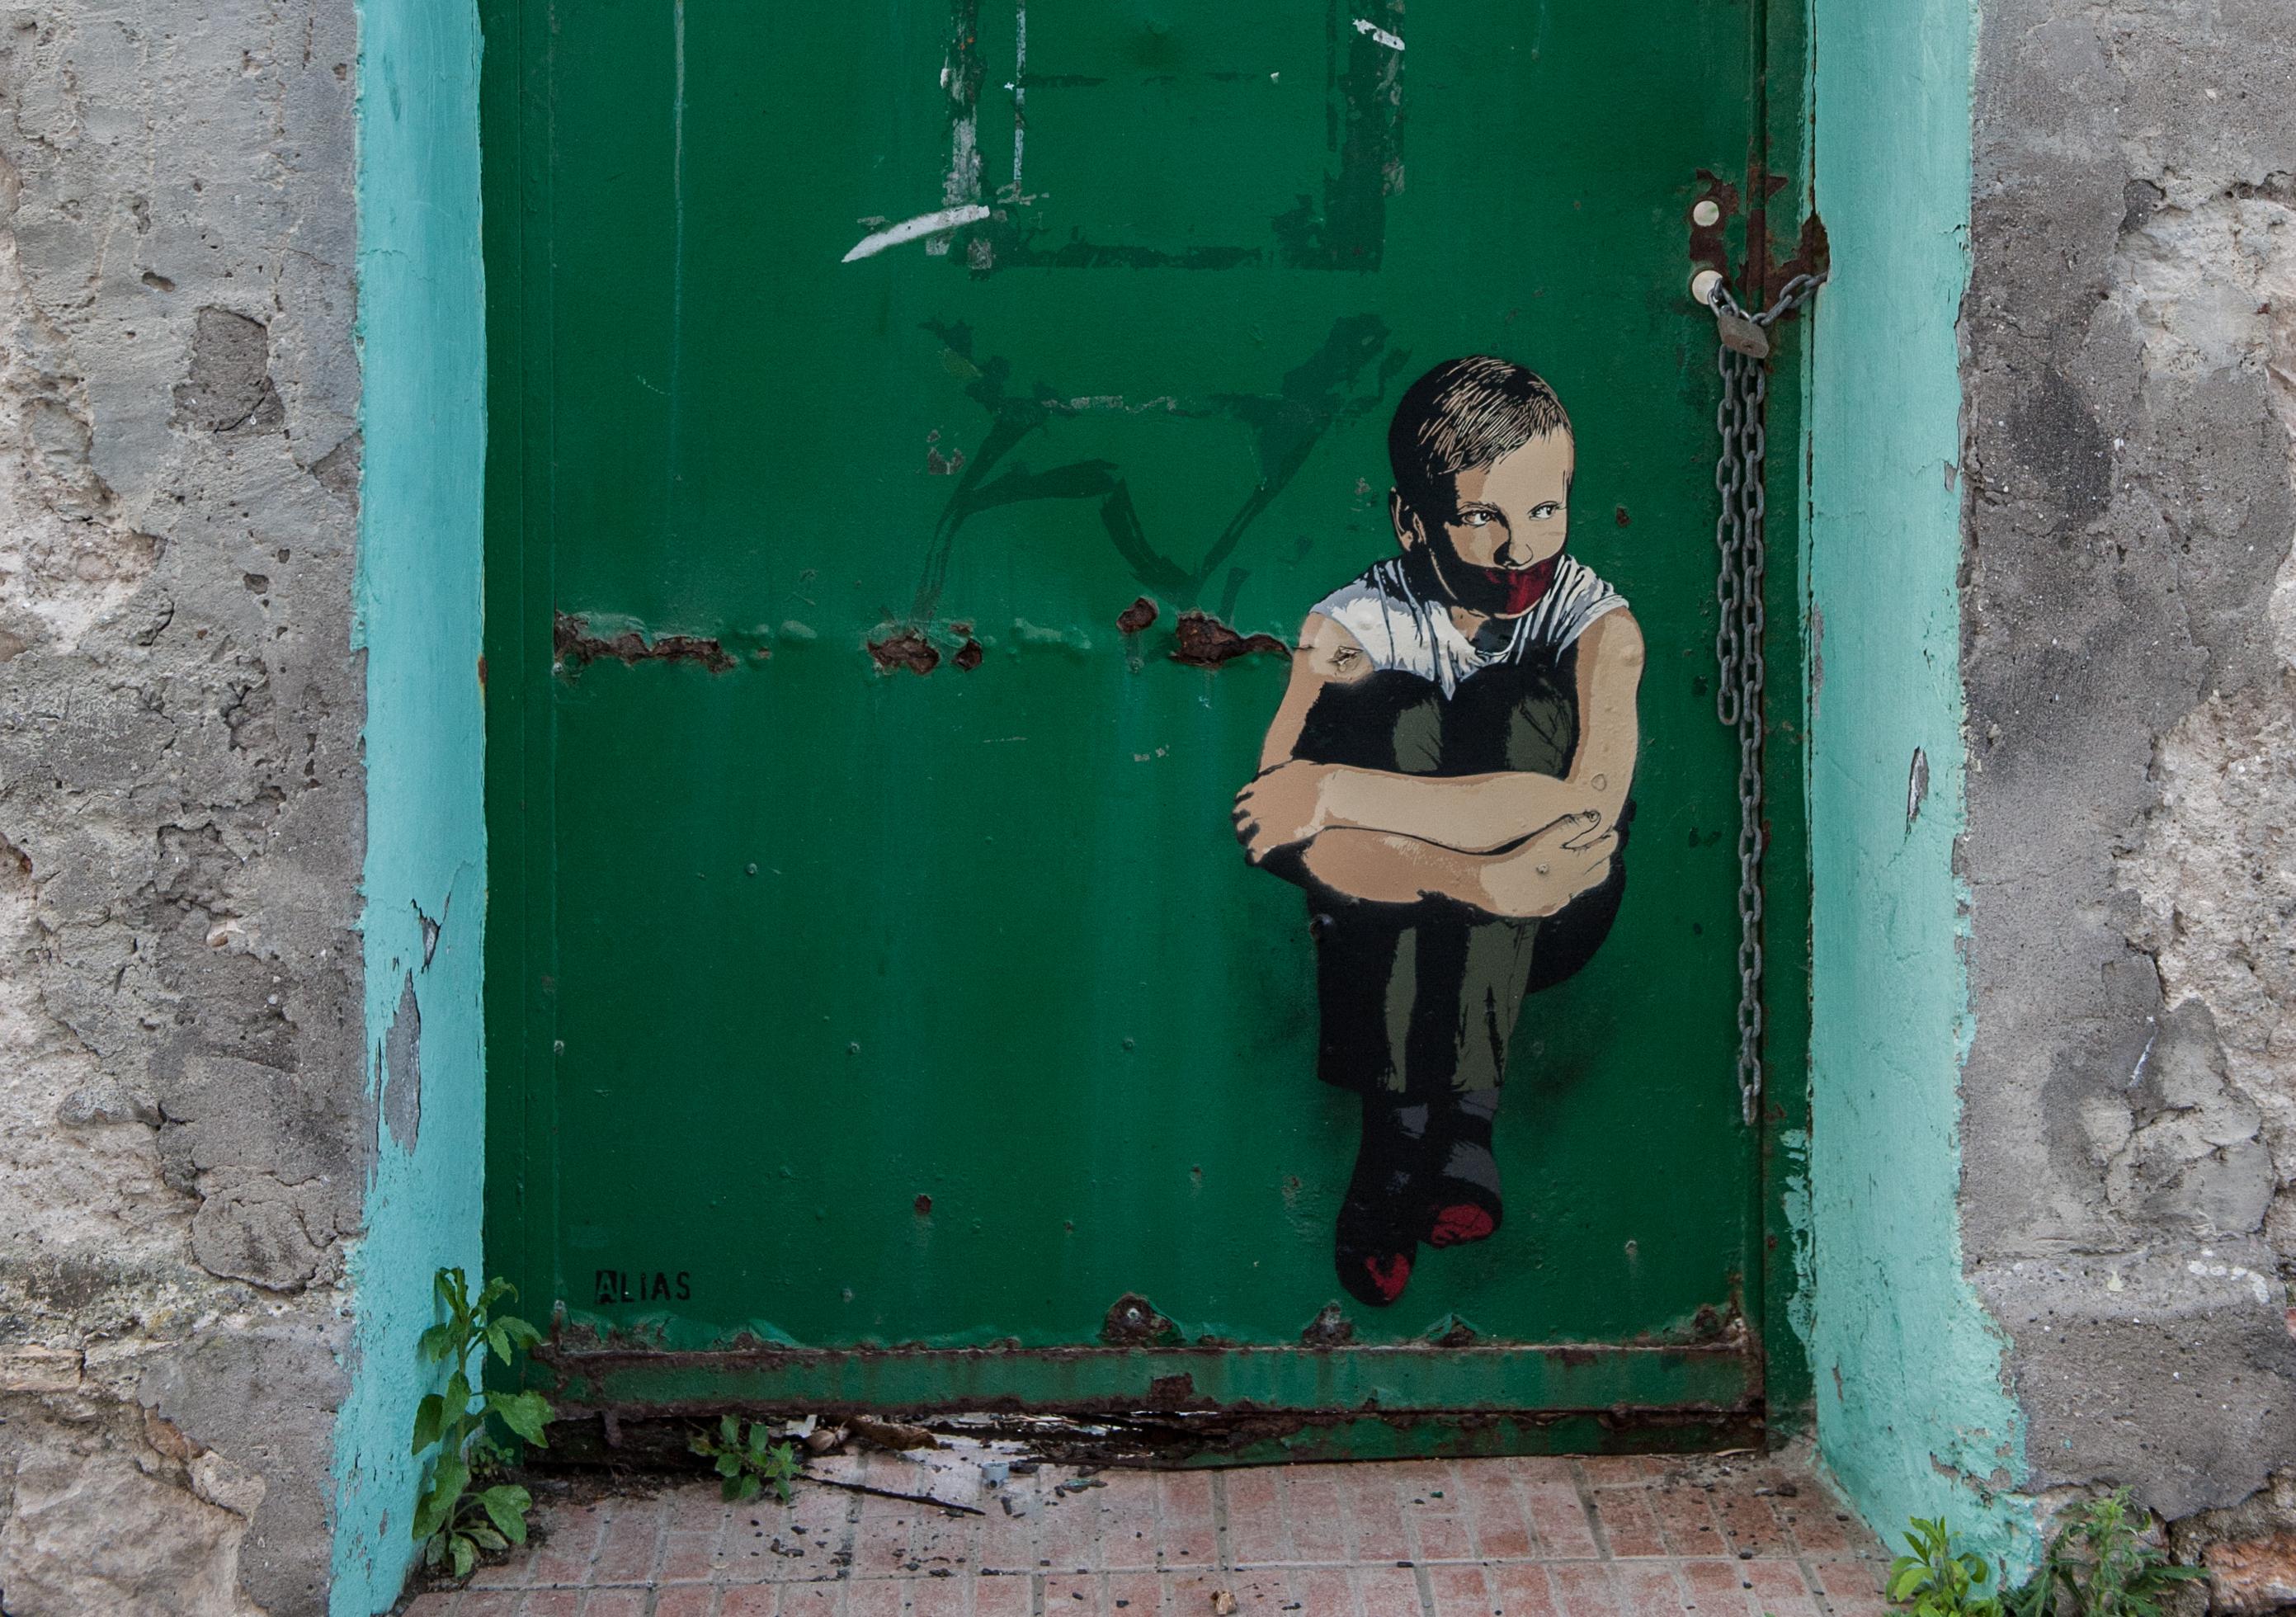 01 Alias, Gaeta ©Flavia Fiengo